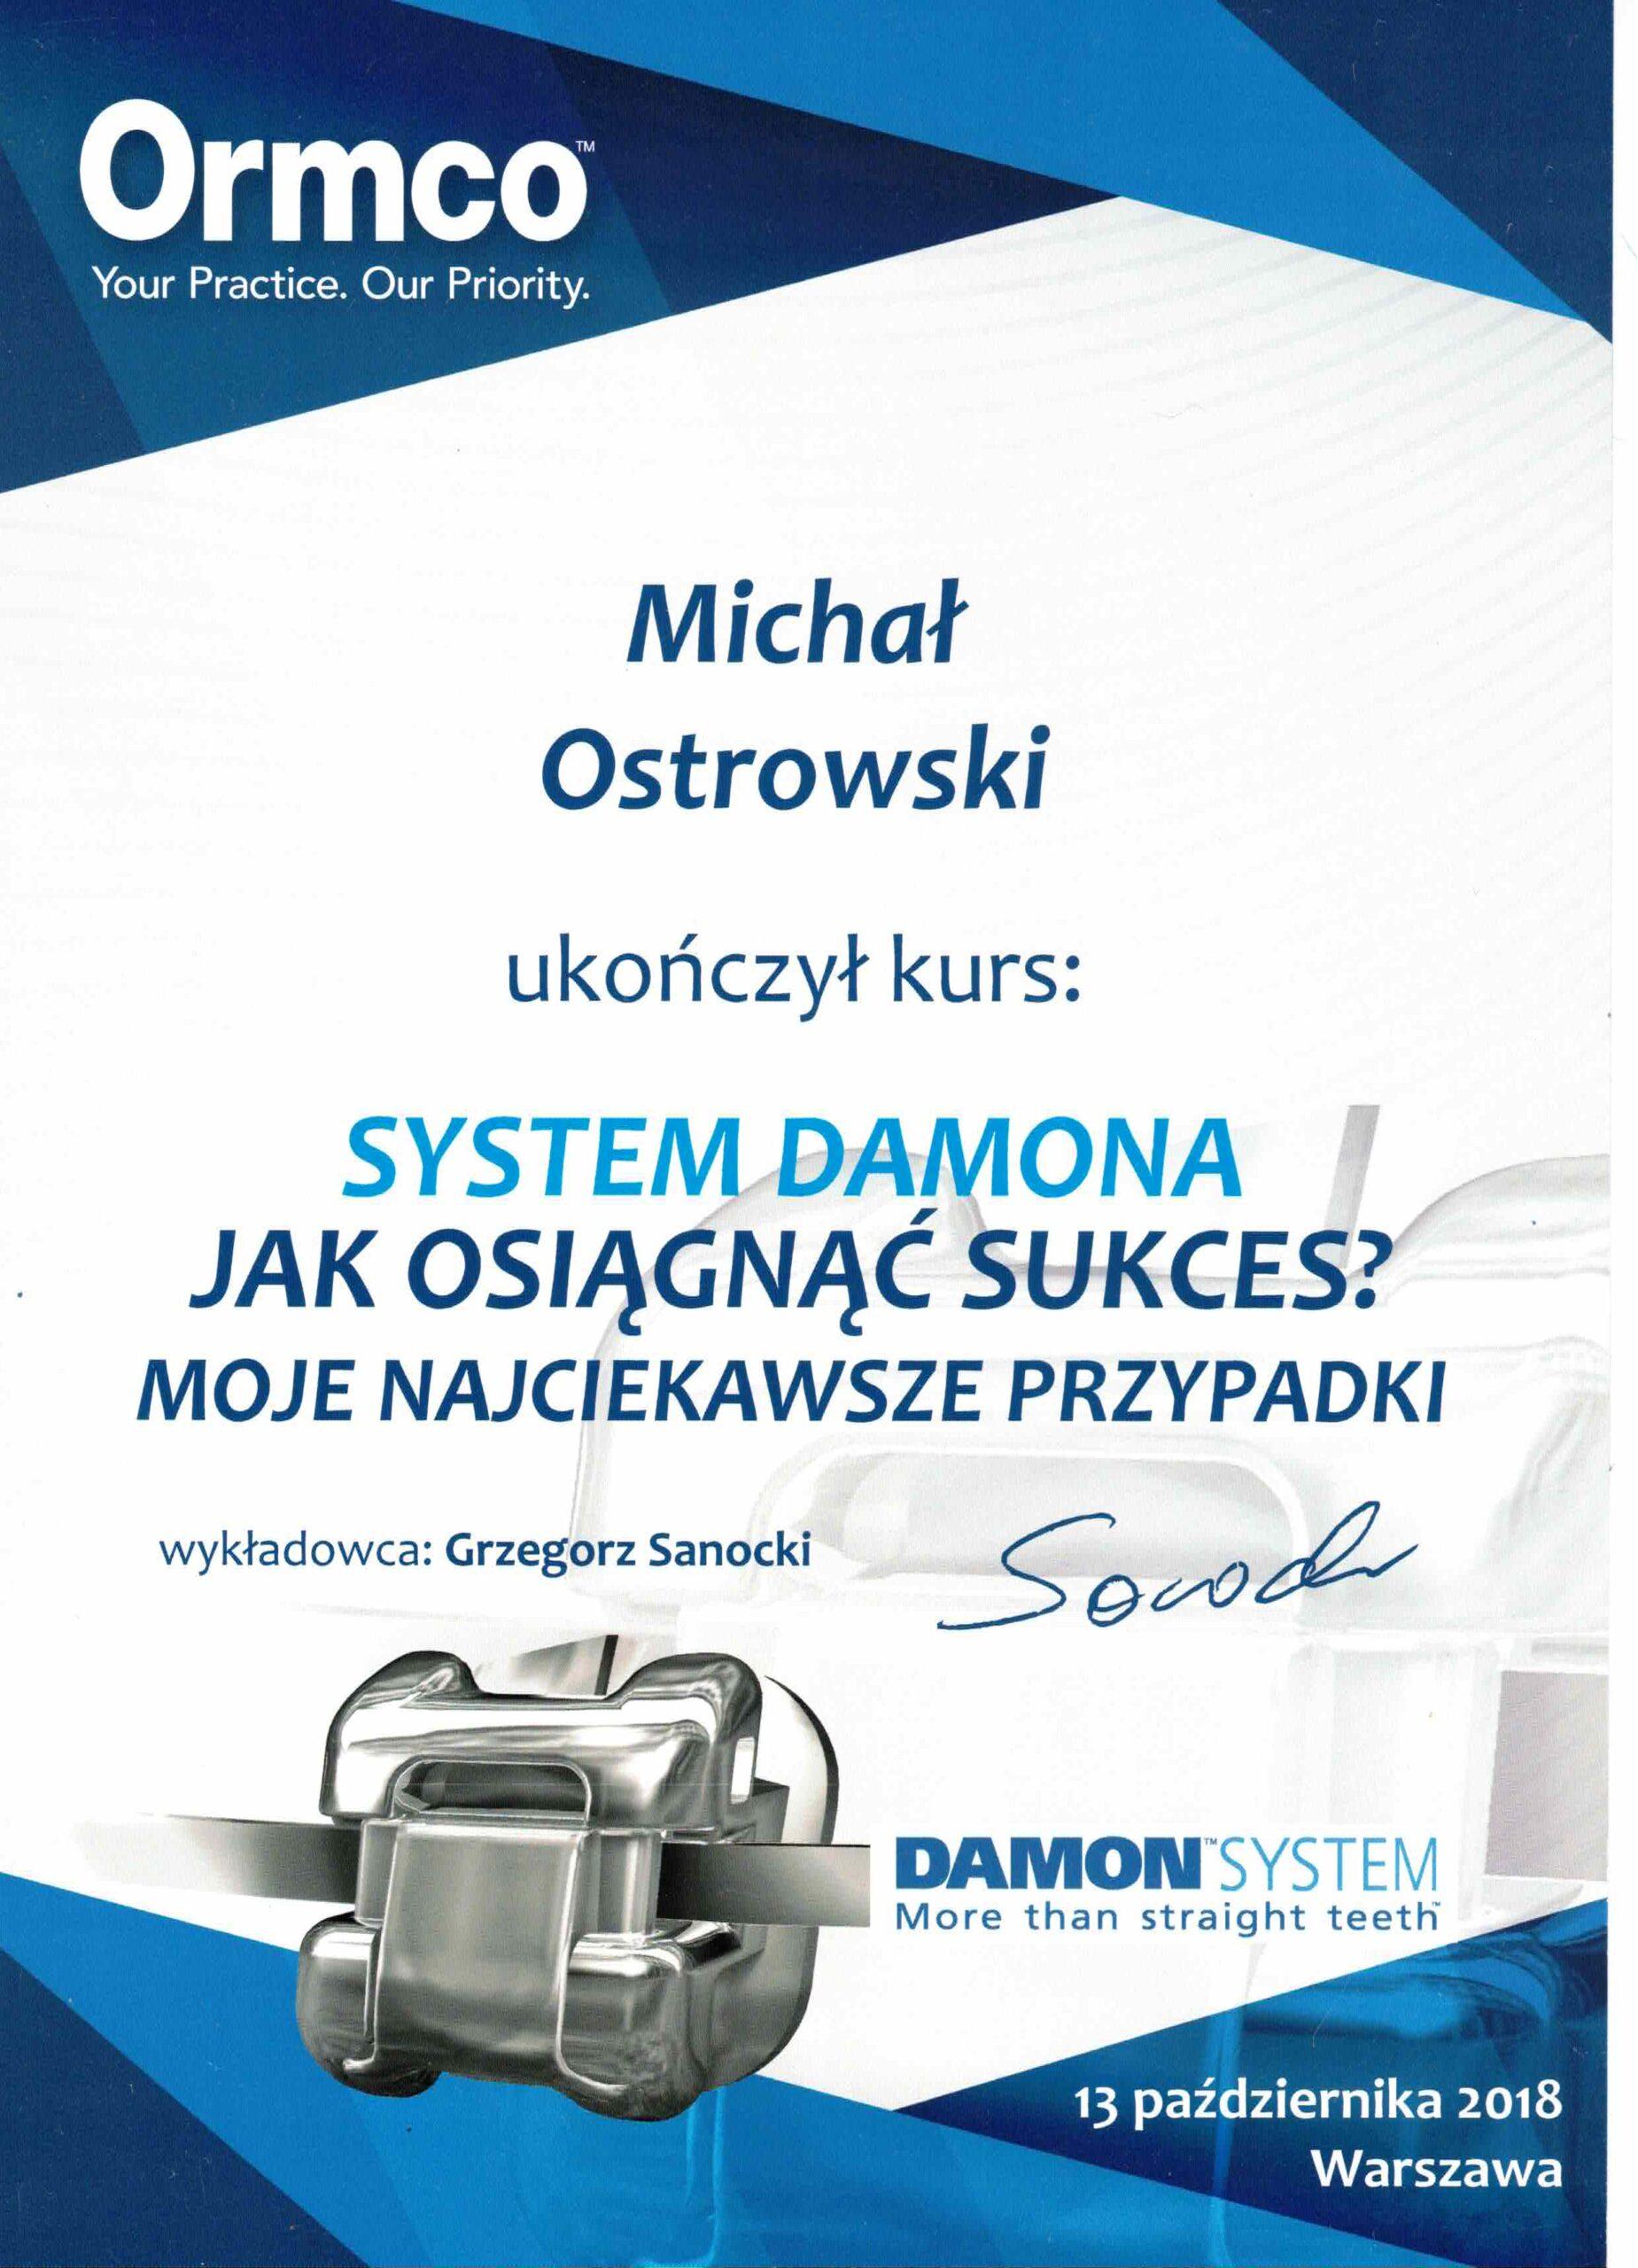 aparat ortodontyczny Damon kwalifikacje gabinet stomatologiczny łódź